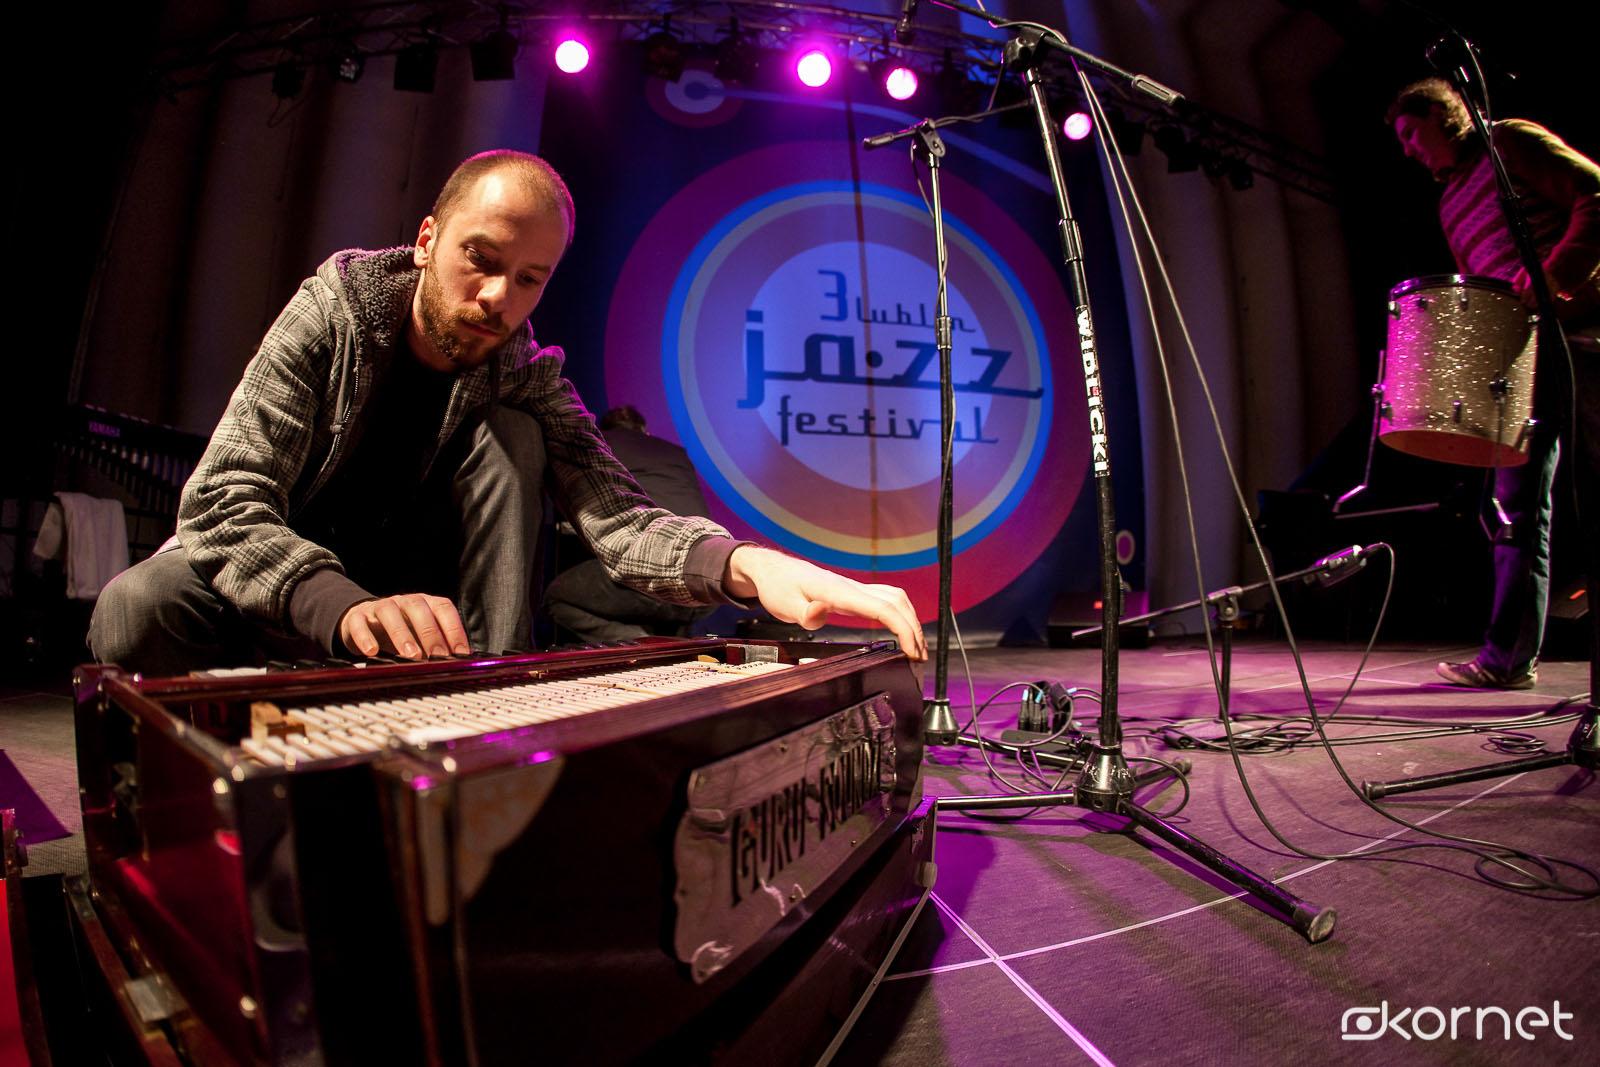 HERA – III Lublin Jazz Festiwal '2011